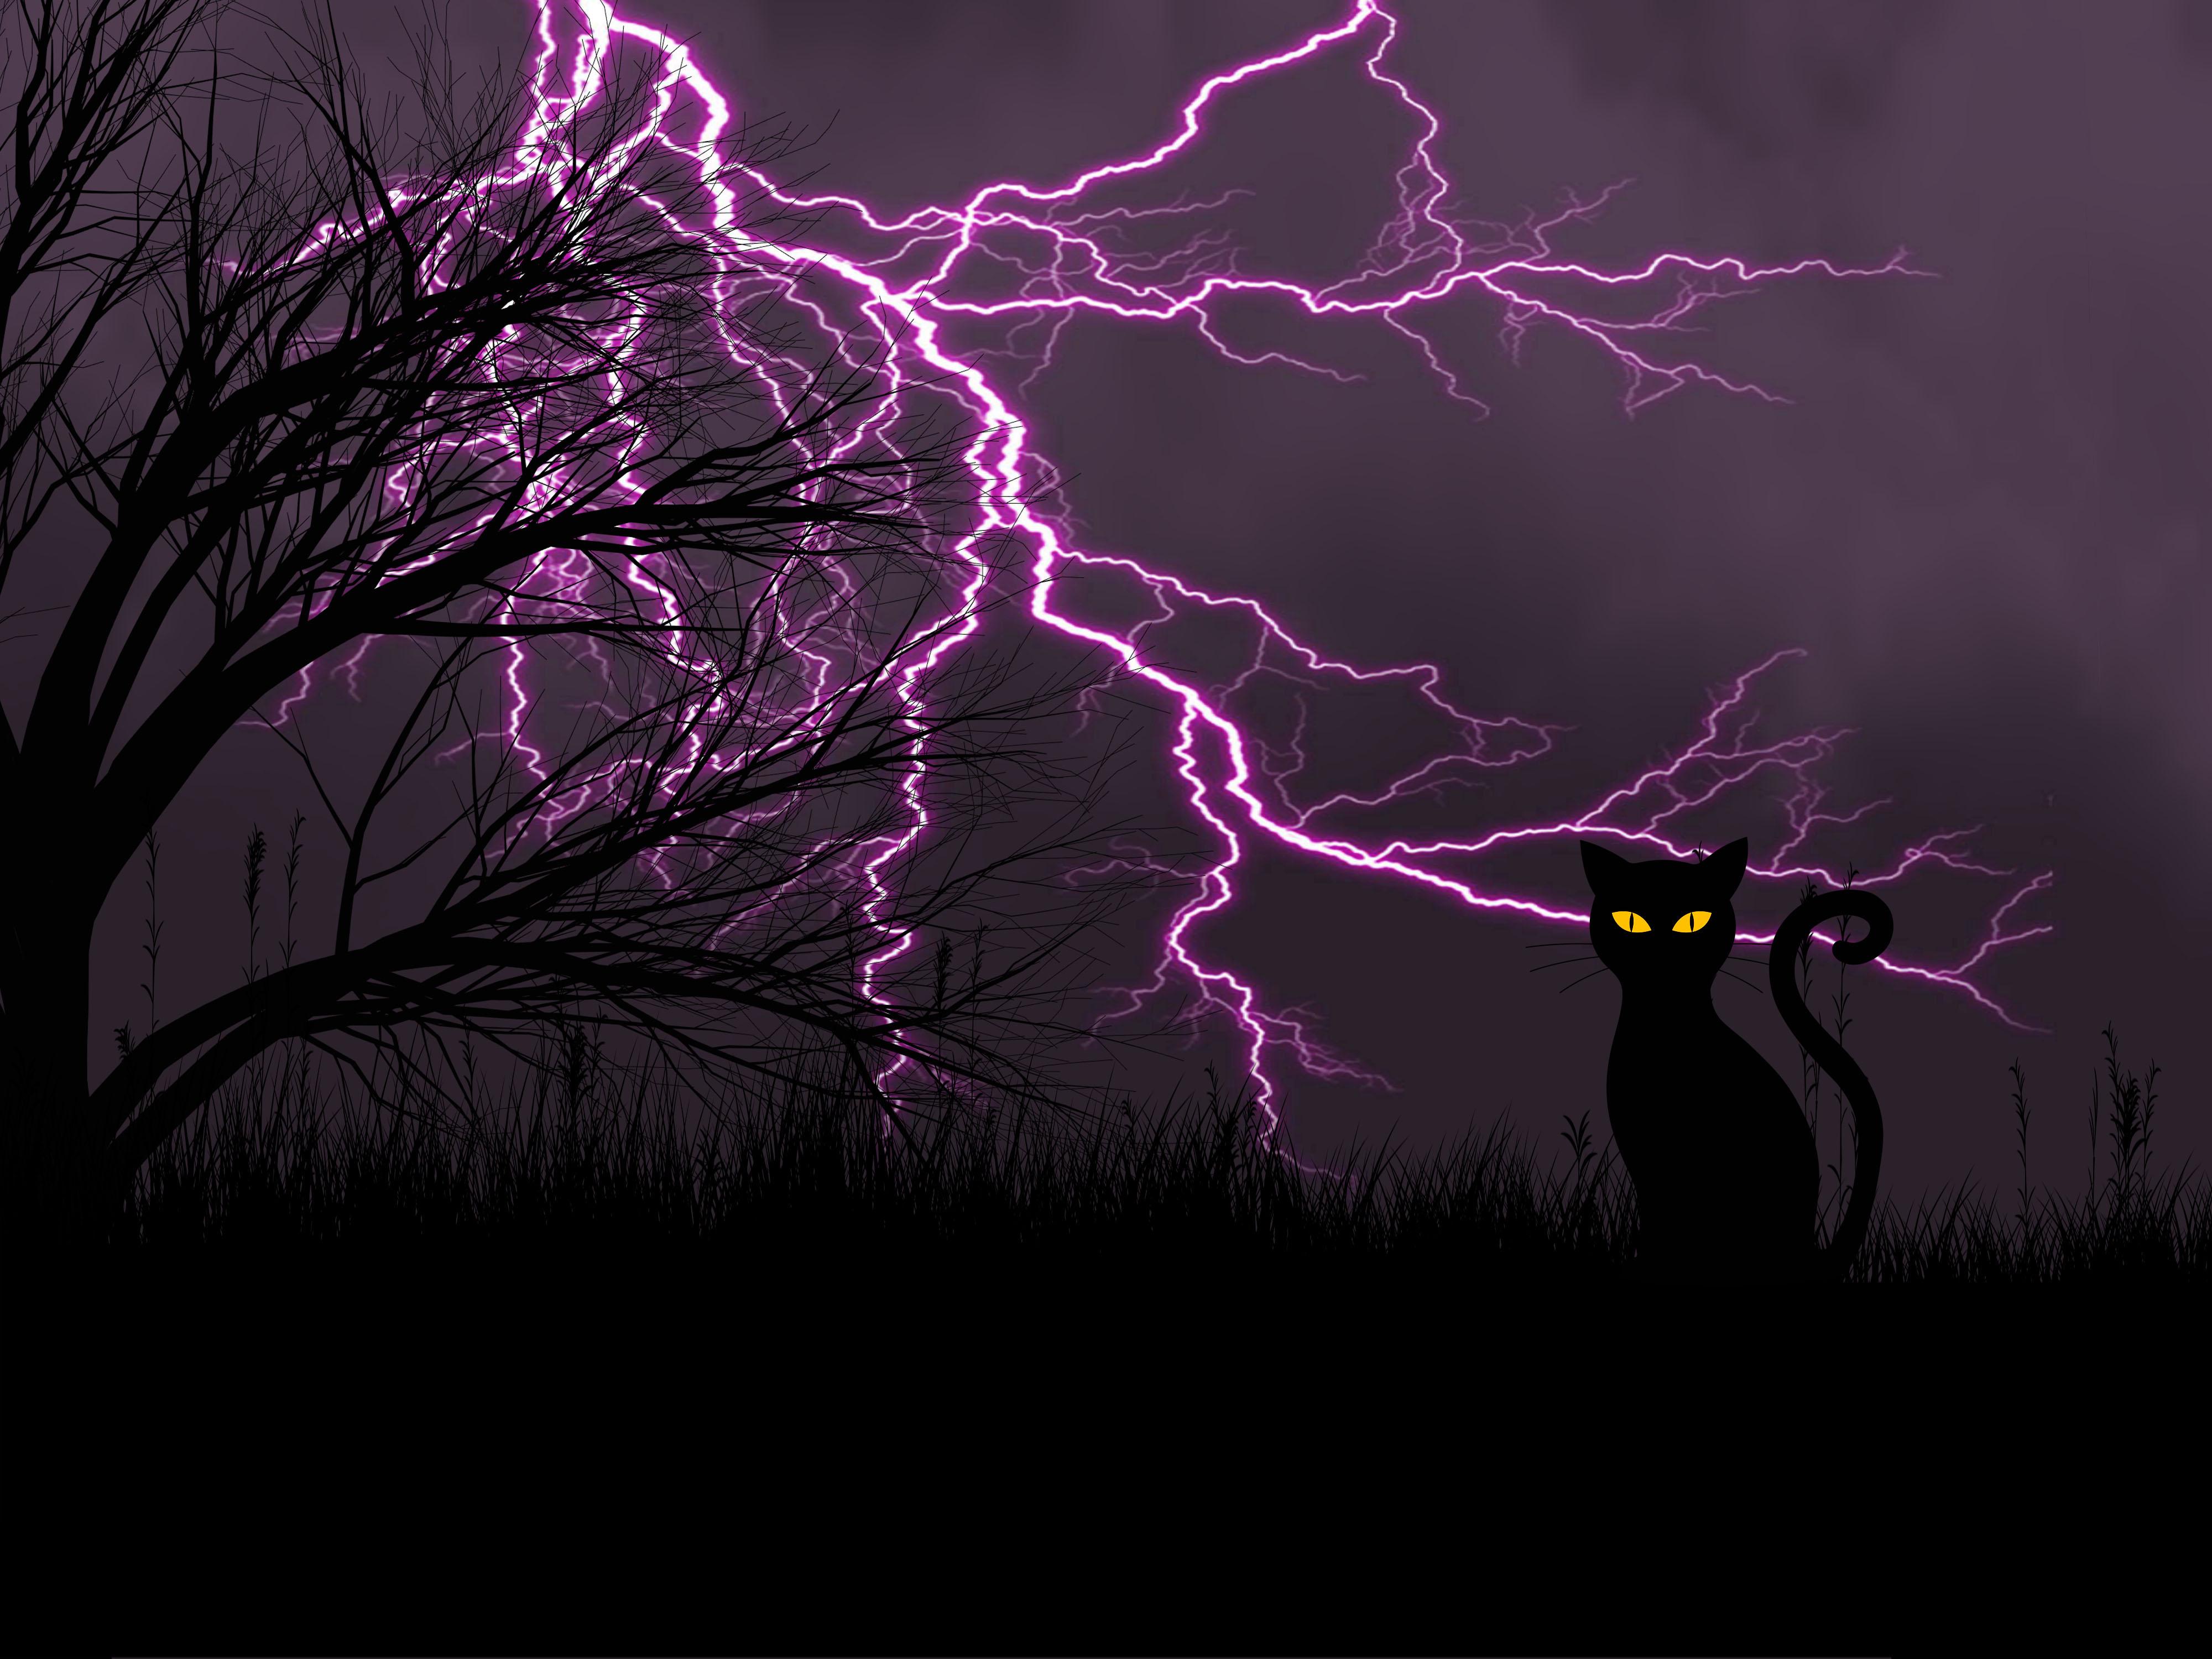 Banco De Imagens Noite Tempestade Relampago Trevas Desenhar